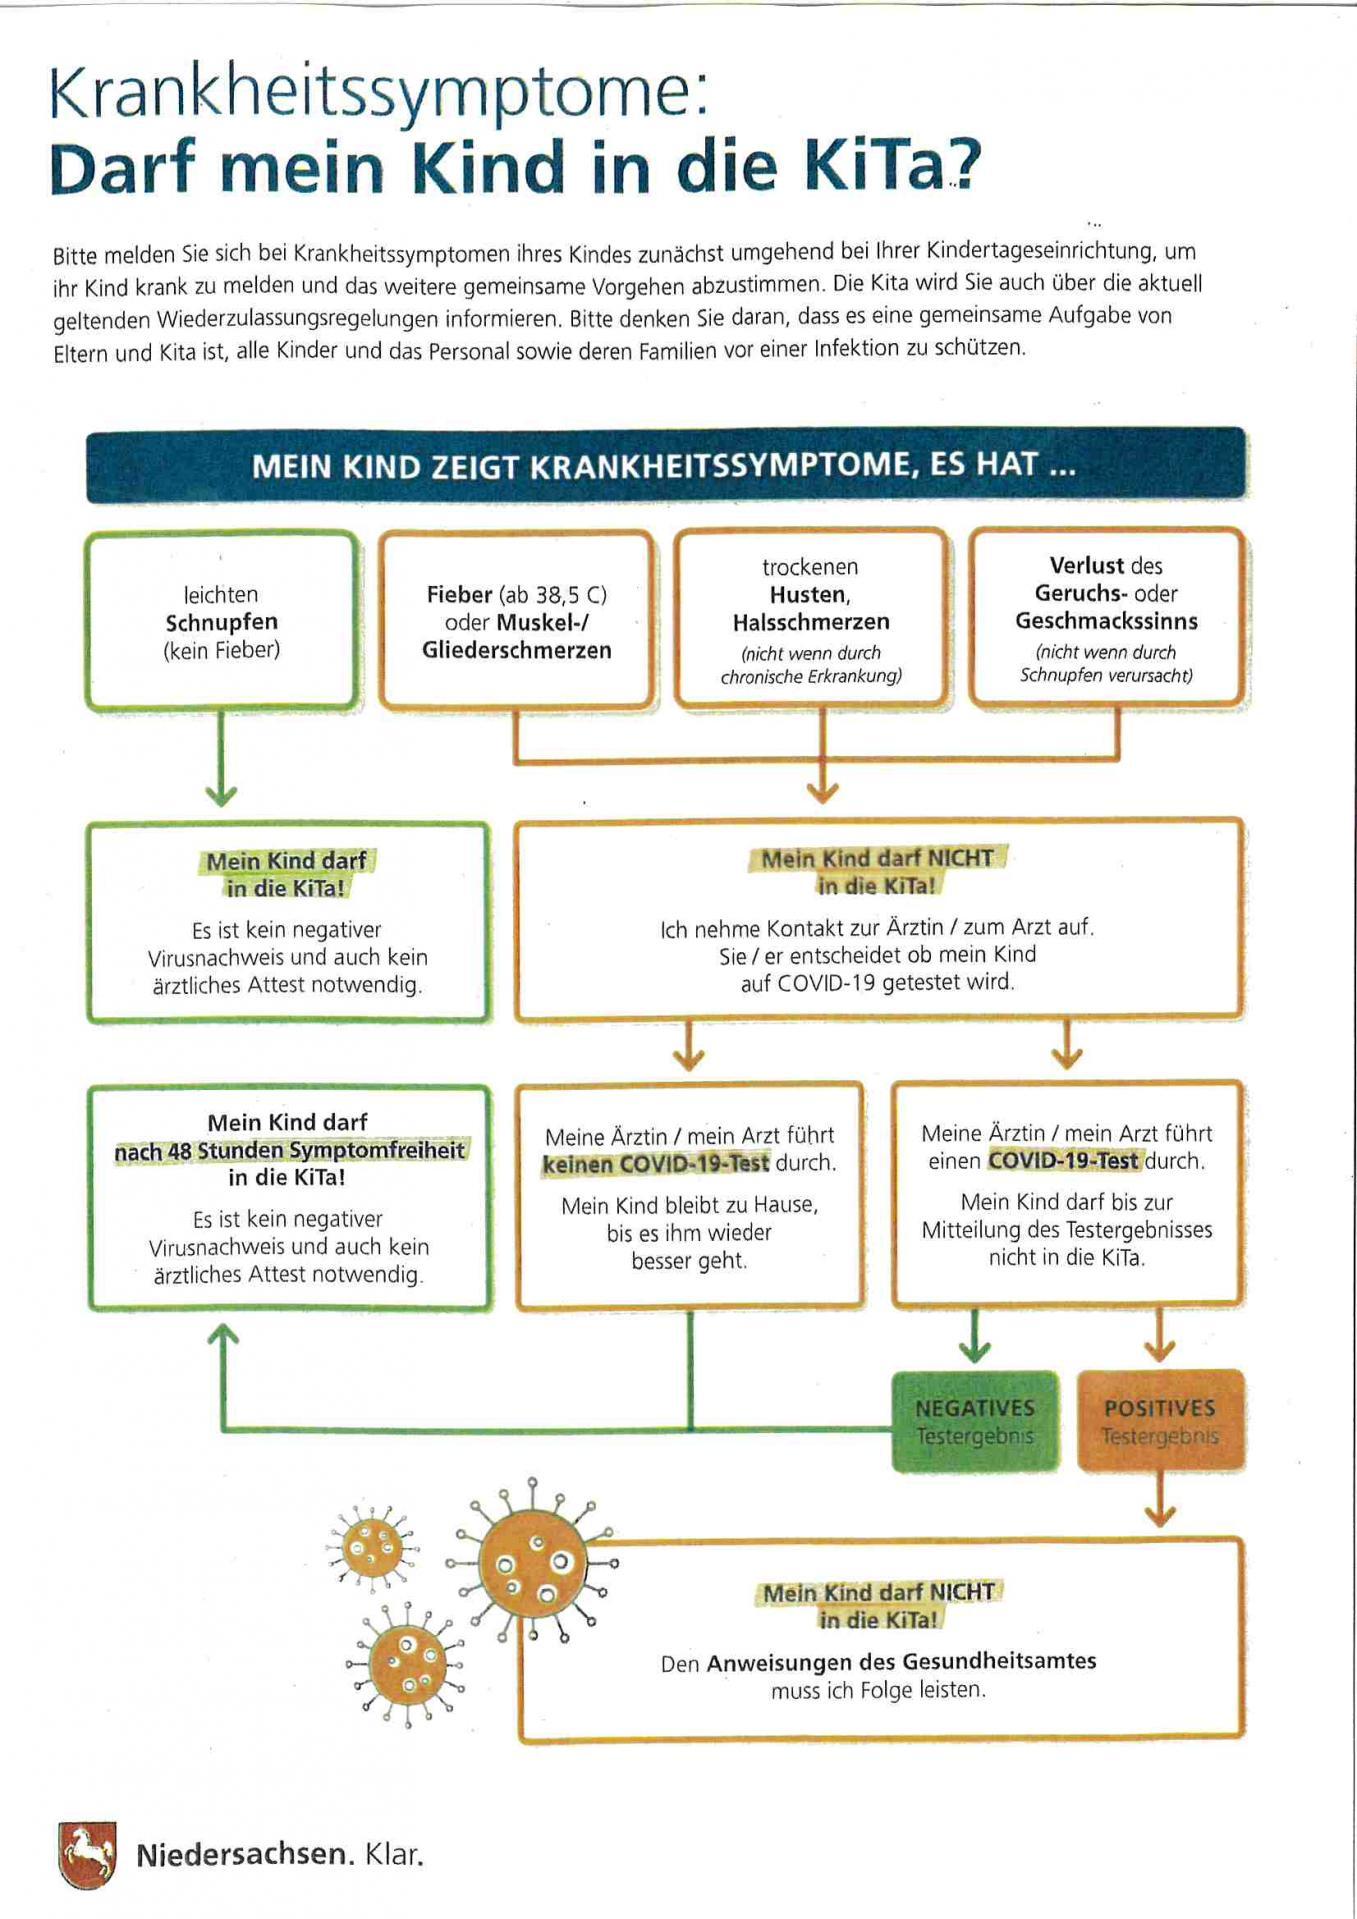 Corona Leitfaden Krankheitssymptome